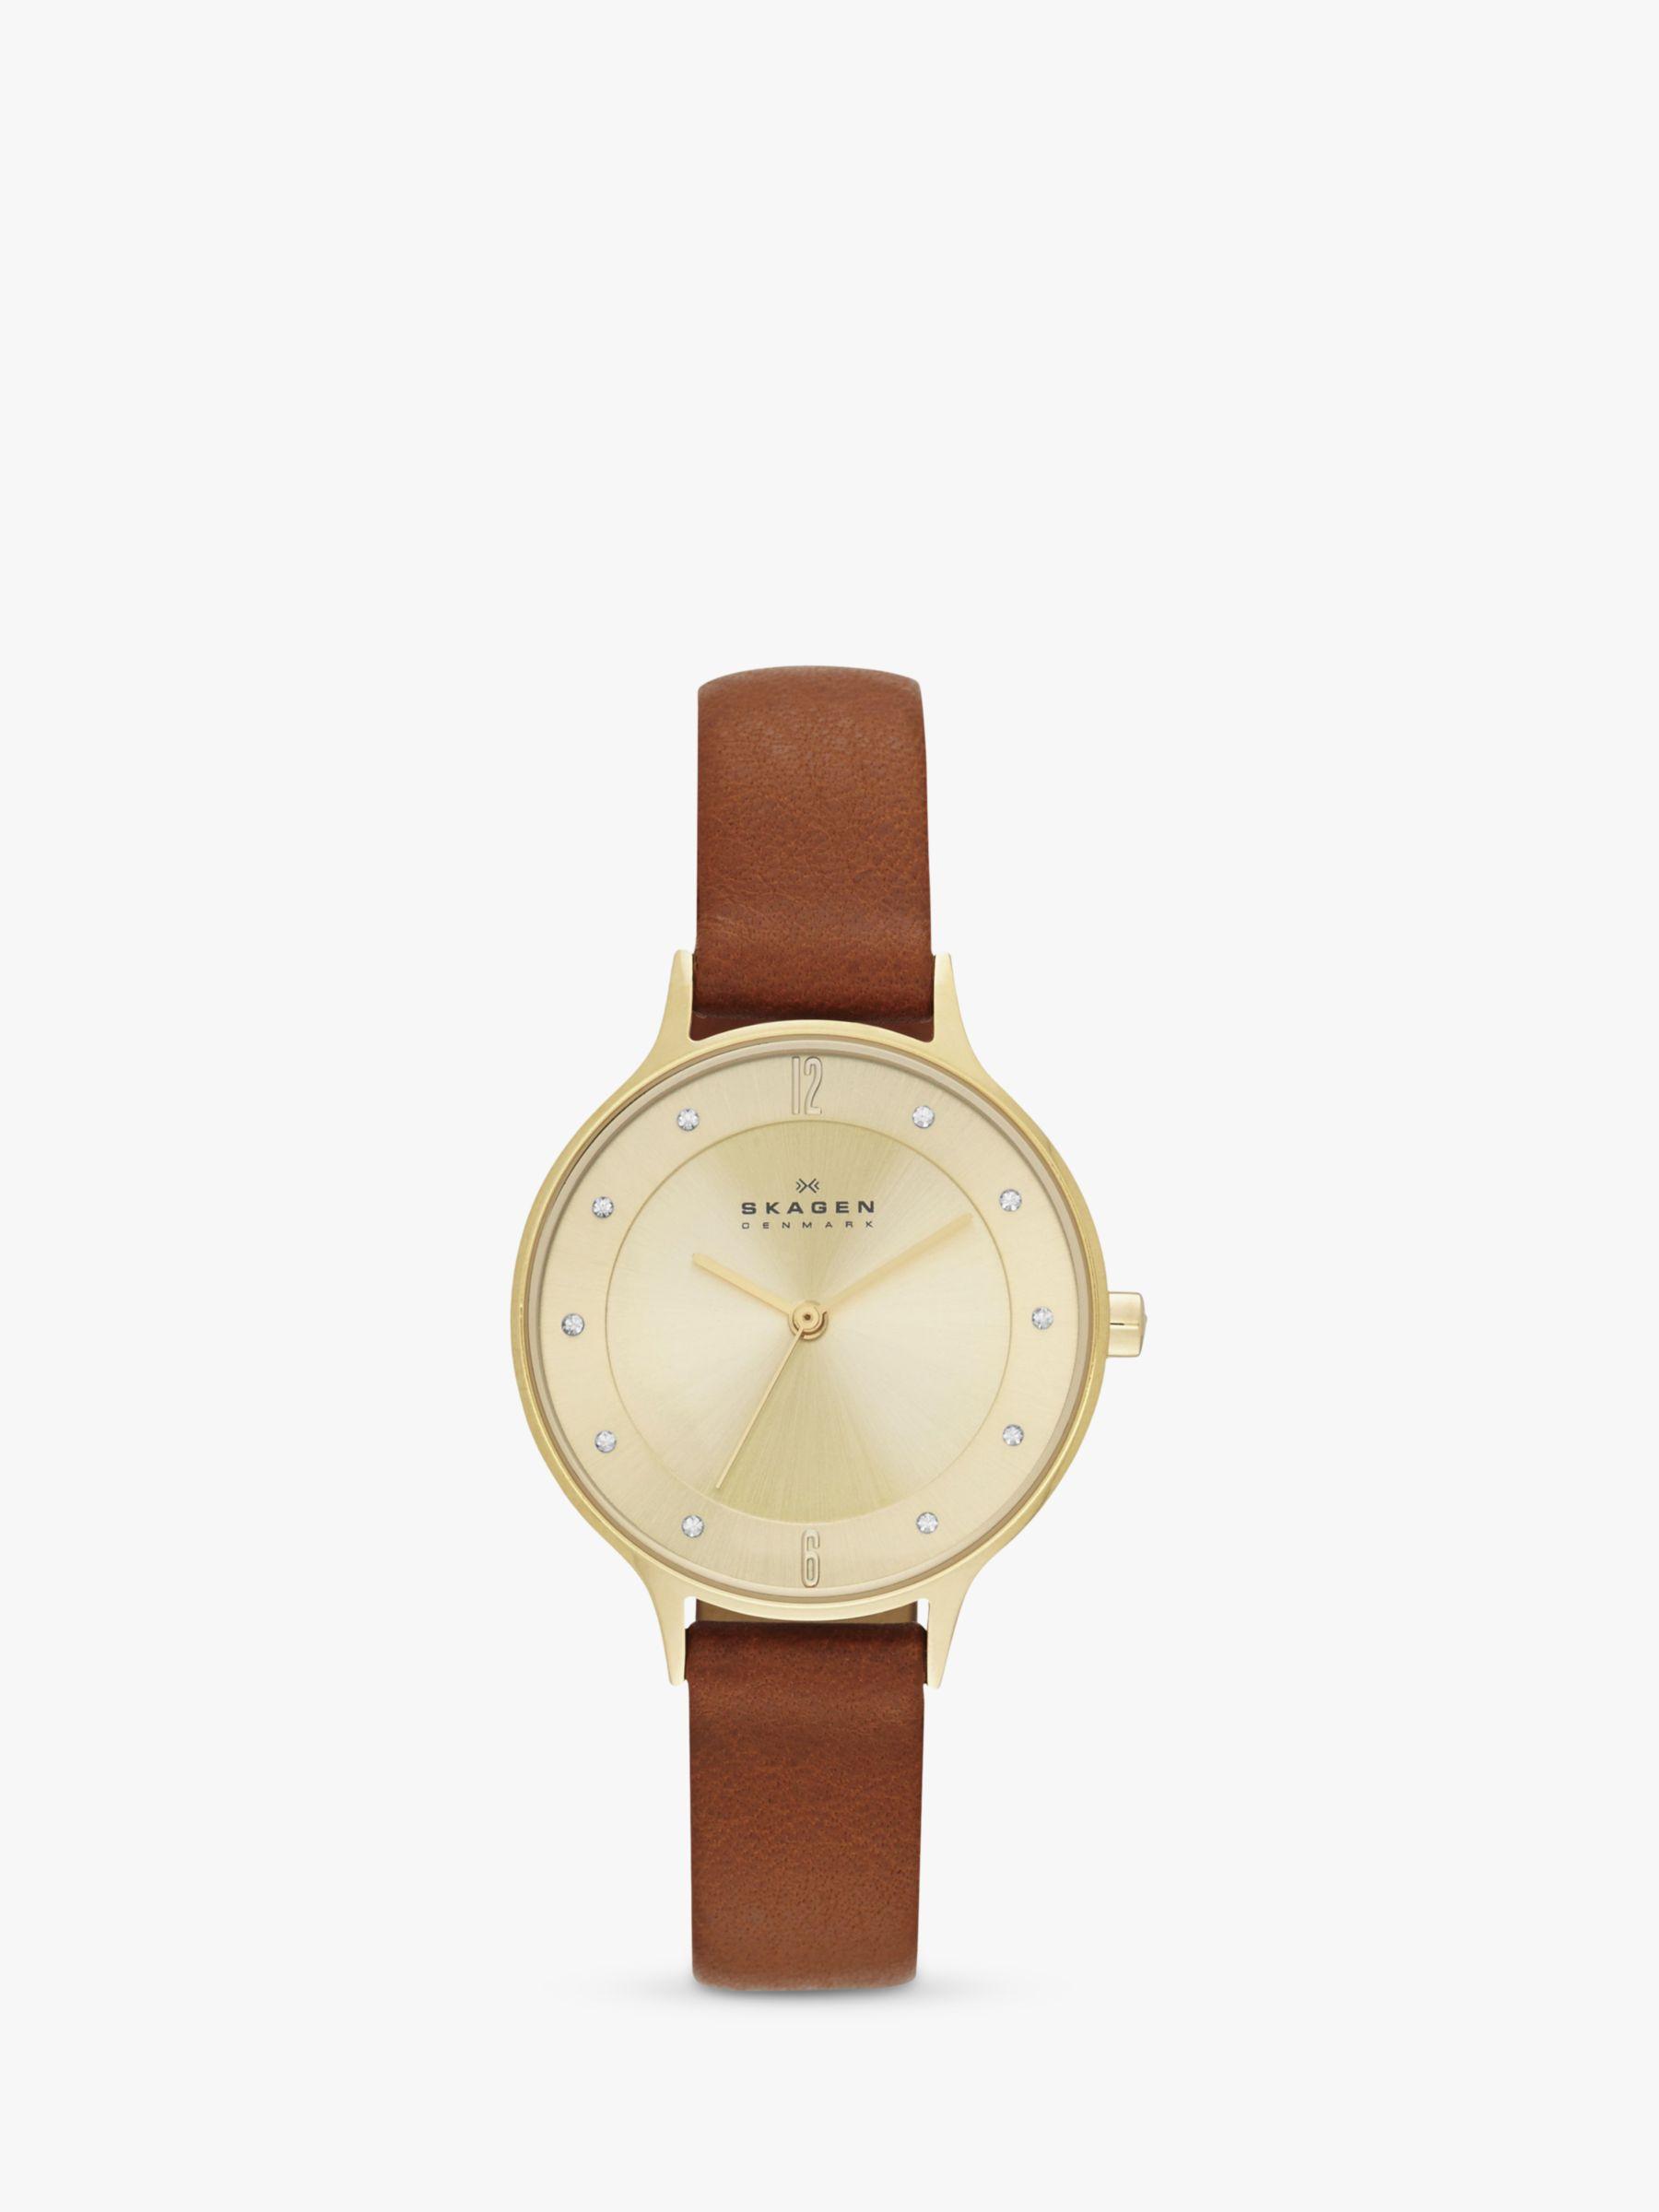 skagen Skagen SKW2147 Women's Anita Leather Strap Watch, Tan/Gold